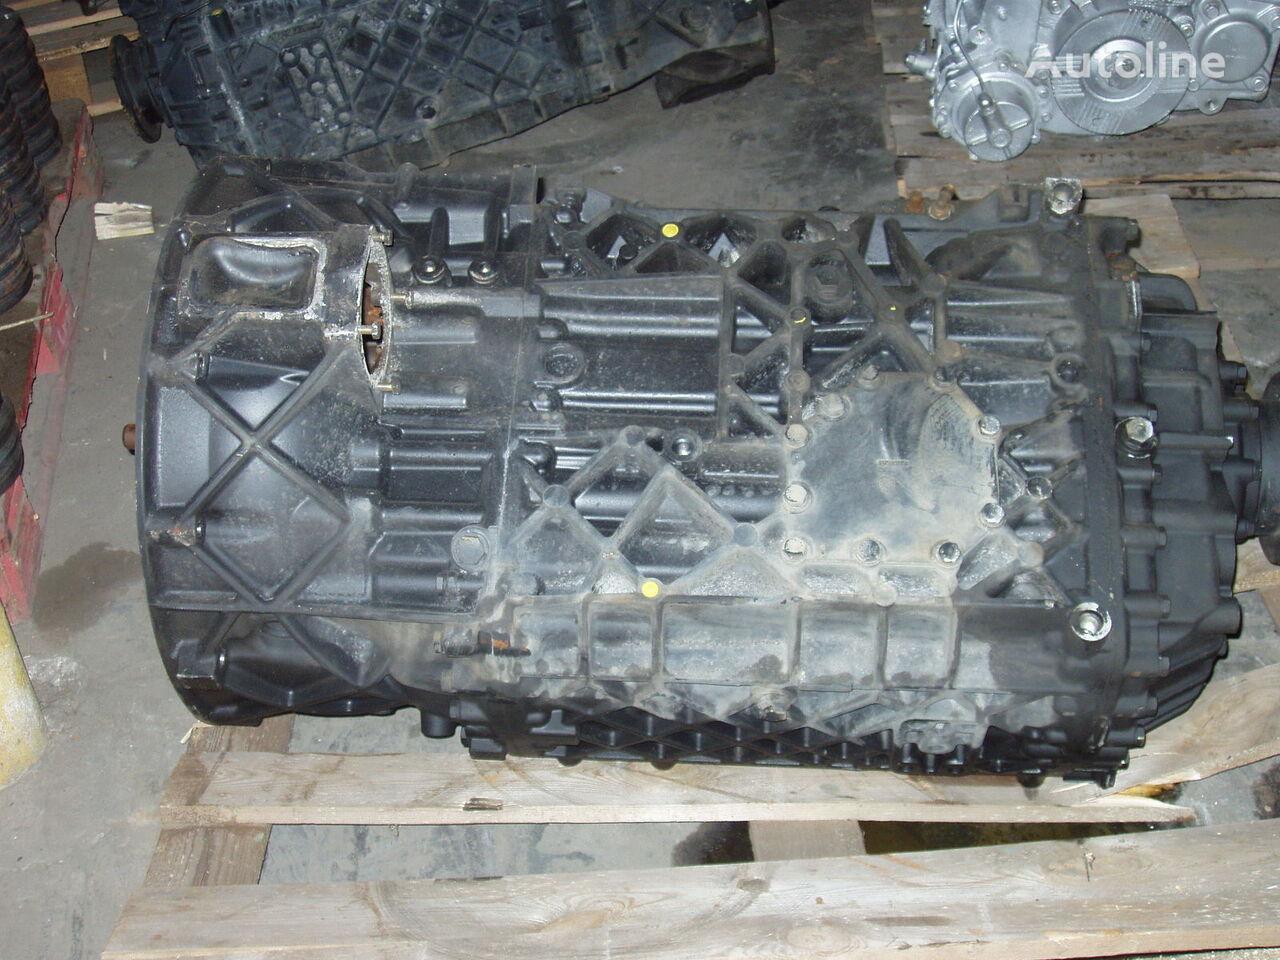 ZF 16s221 type versnellingsbak voor MAN F2000